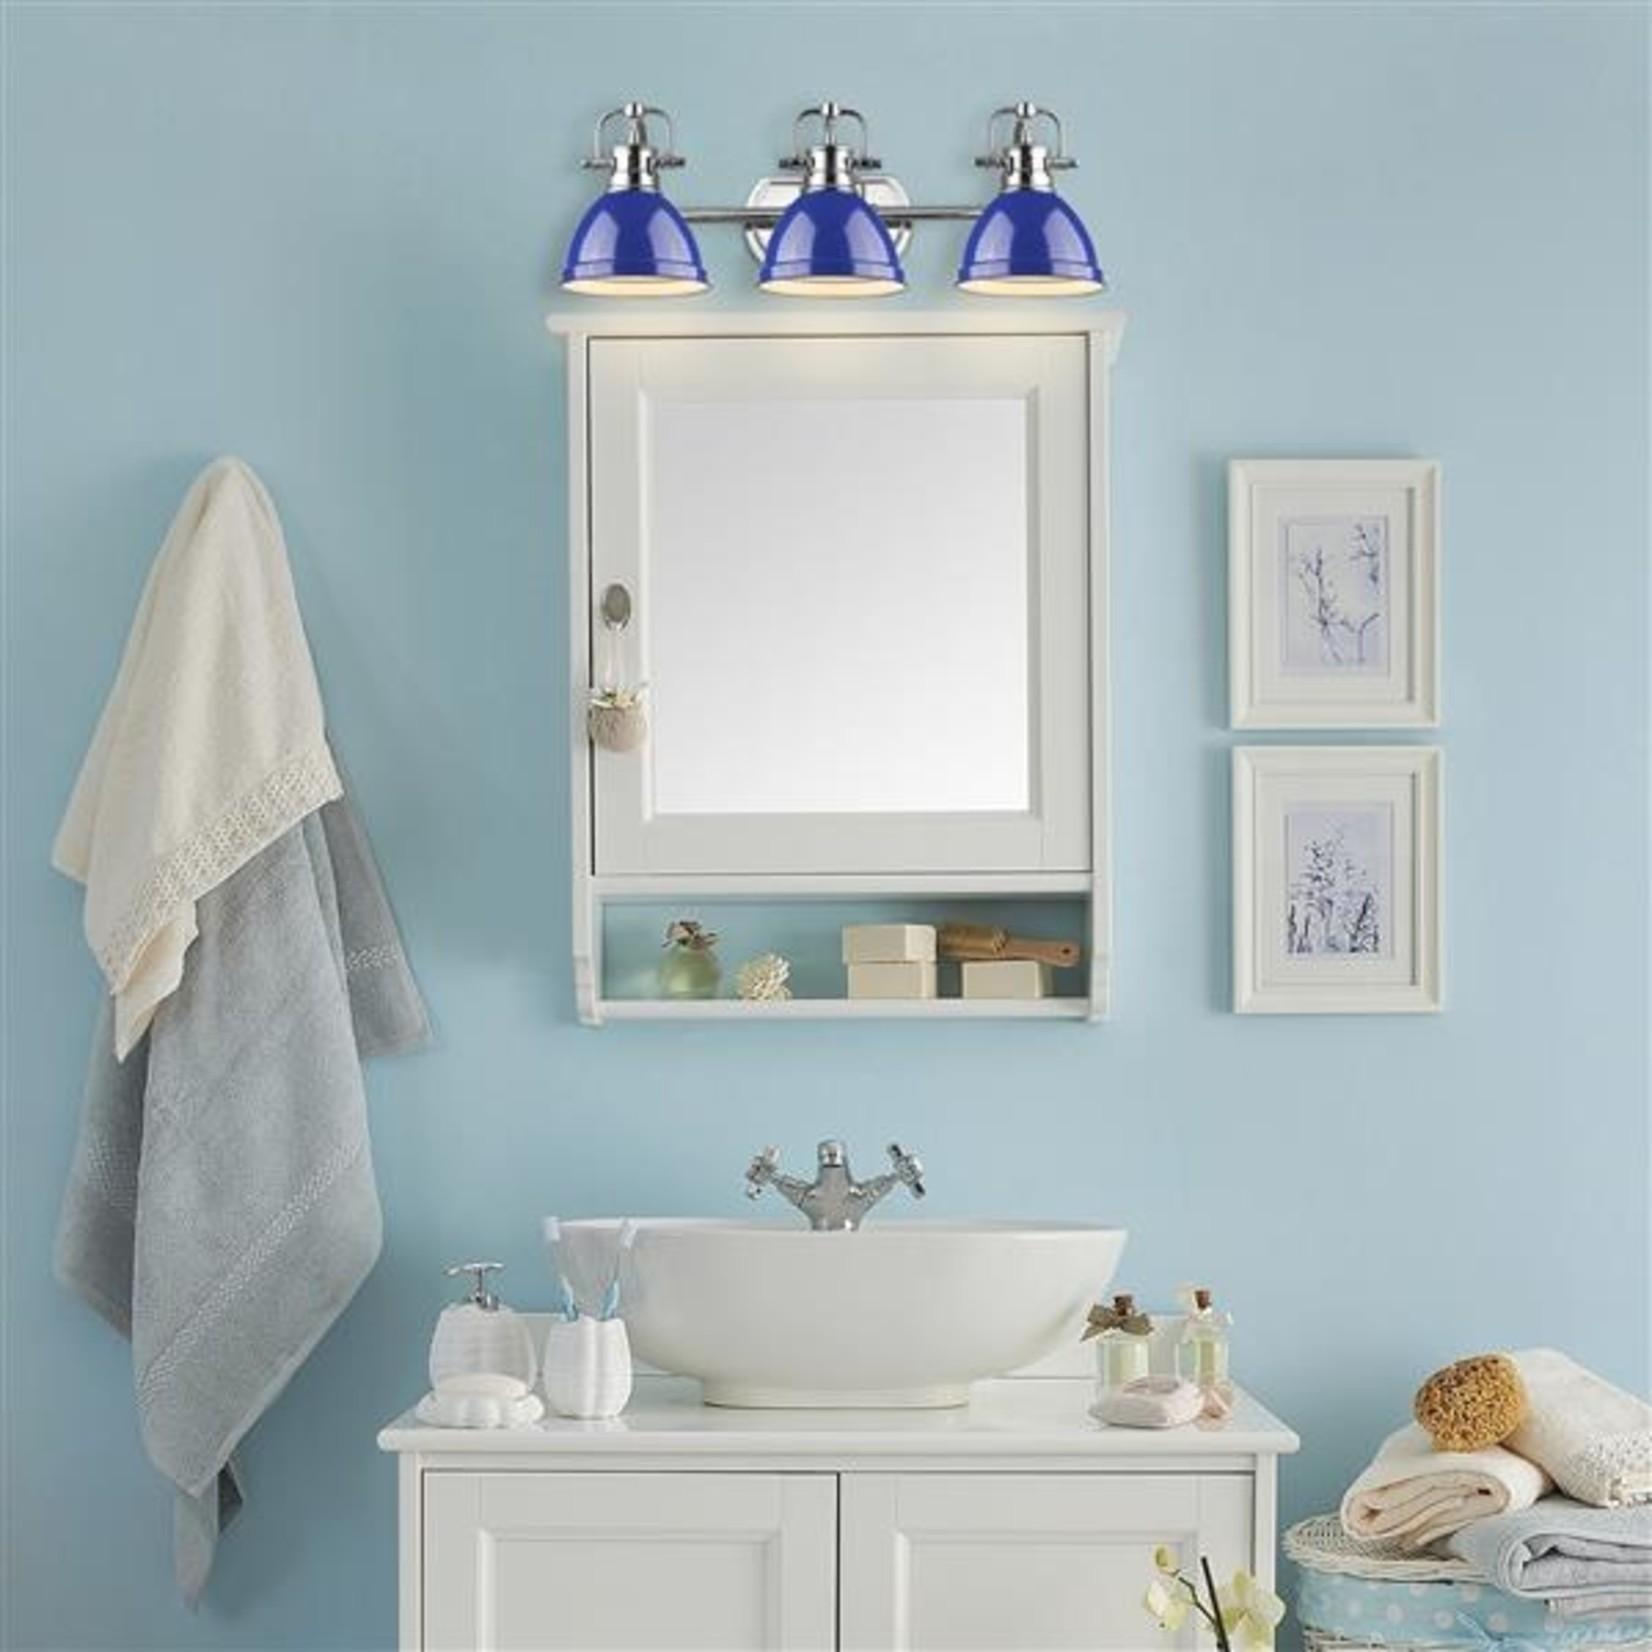 *Drakeford 3-Light Vanity Light - Blue